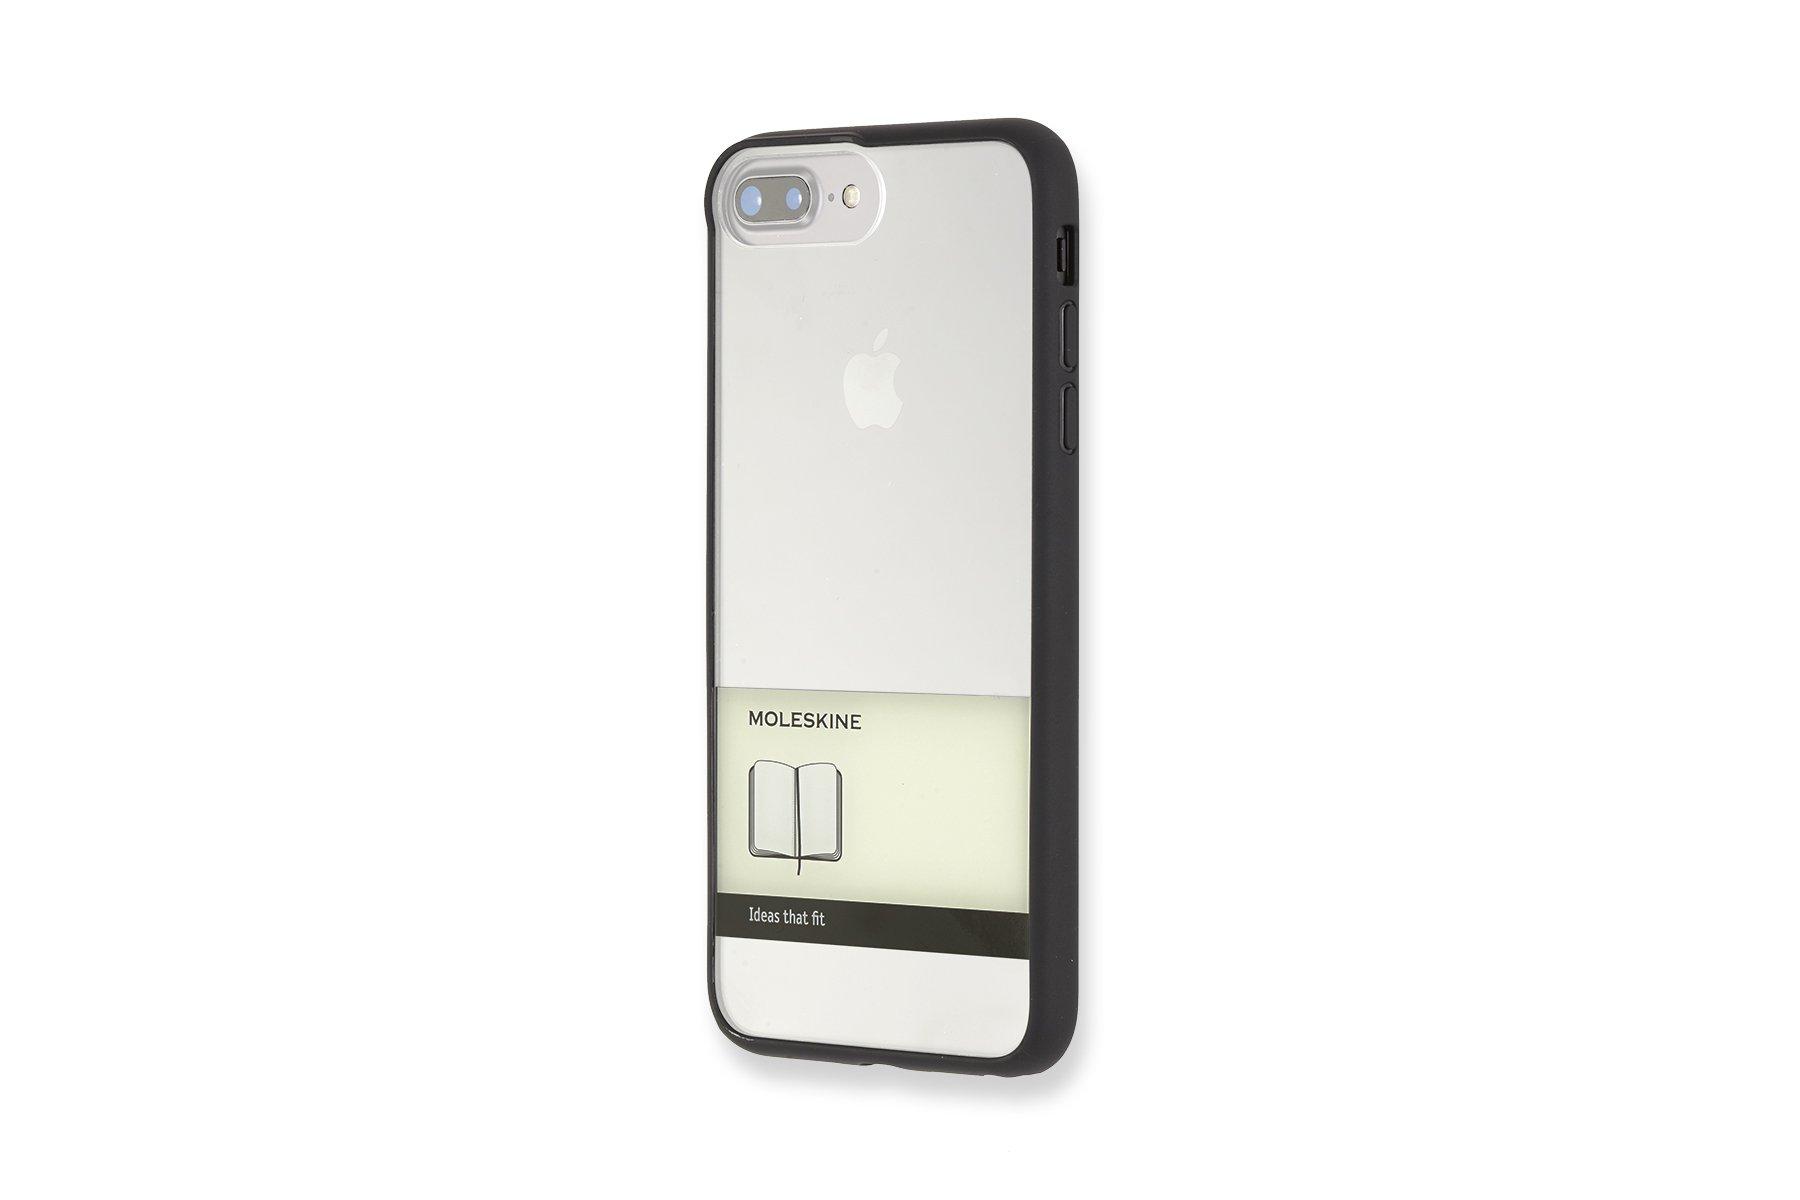 Moleskine Hartschalenetui (Durchsichtiges Gummiband) geeignet für Iphone 7Plus, schwarz